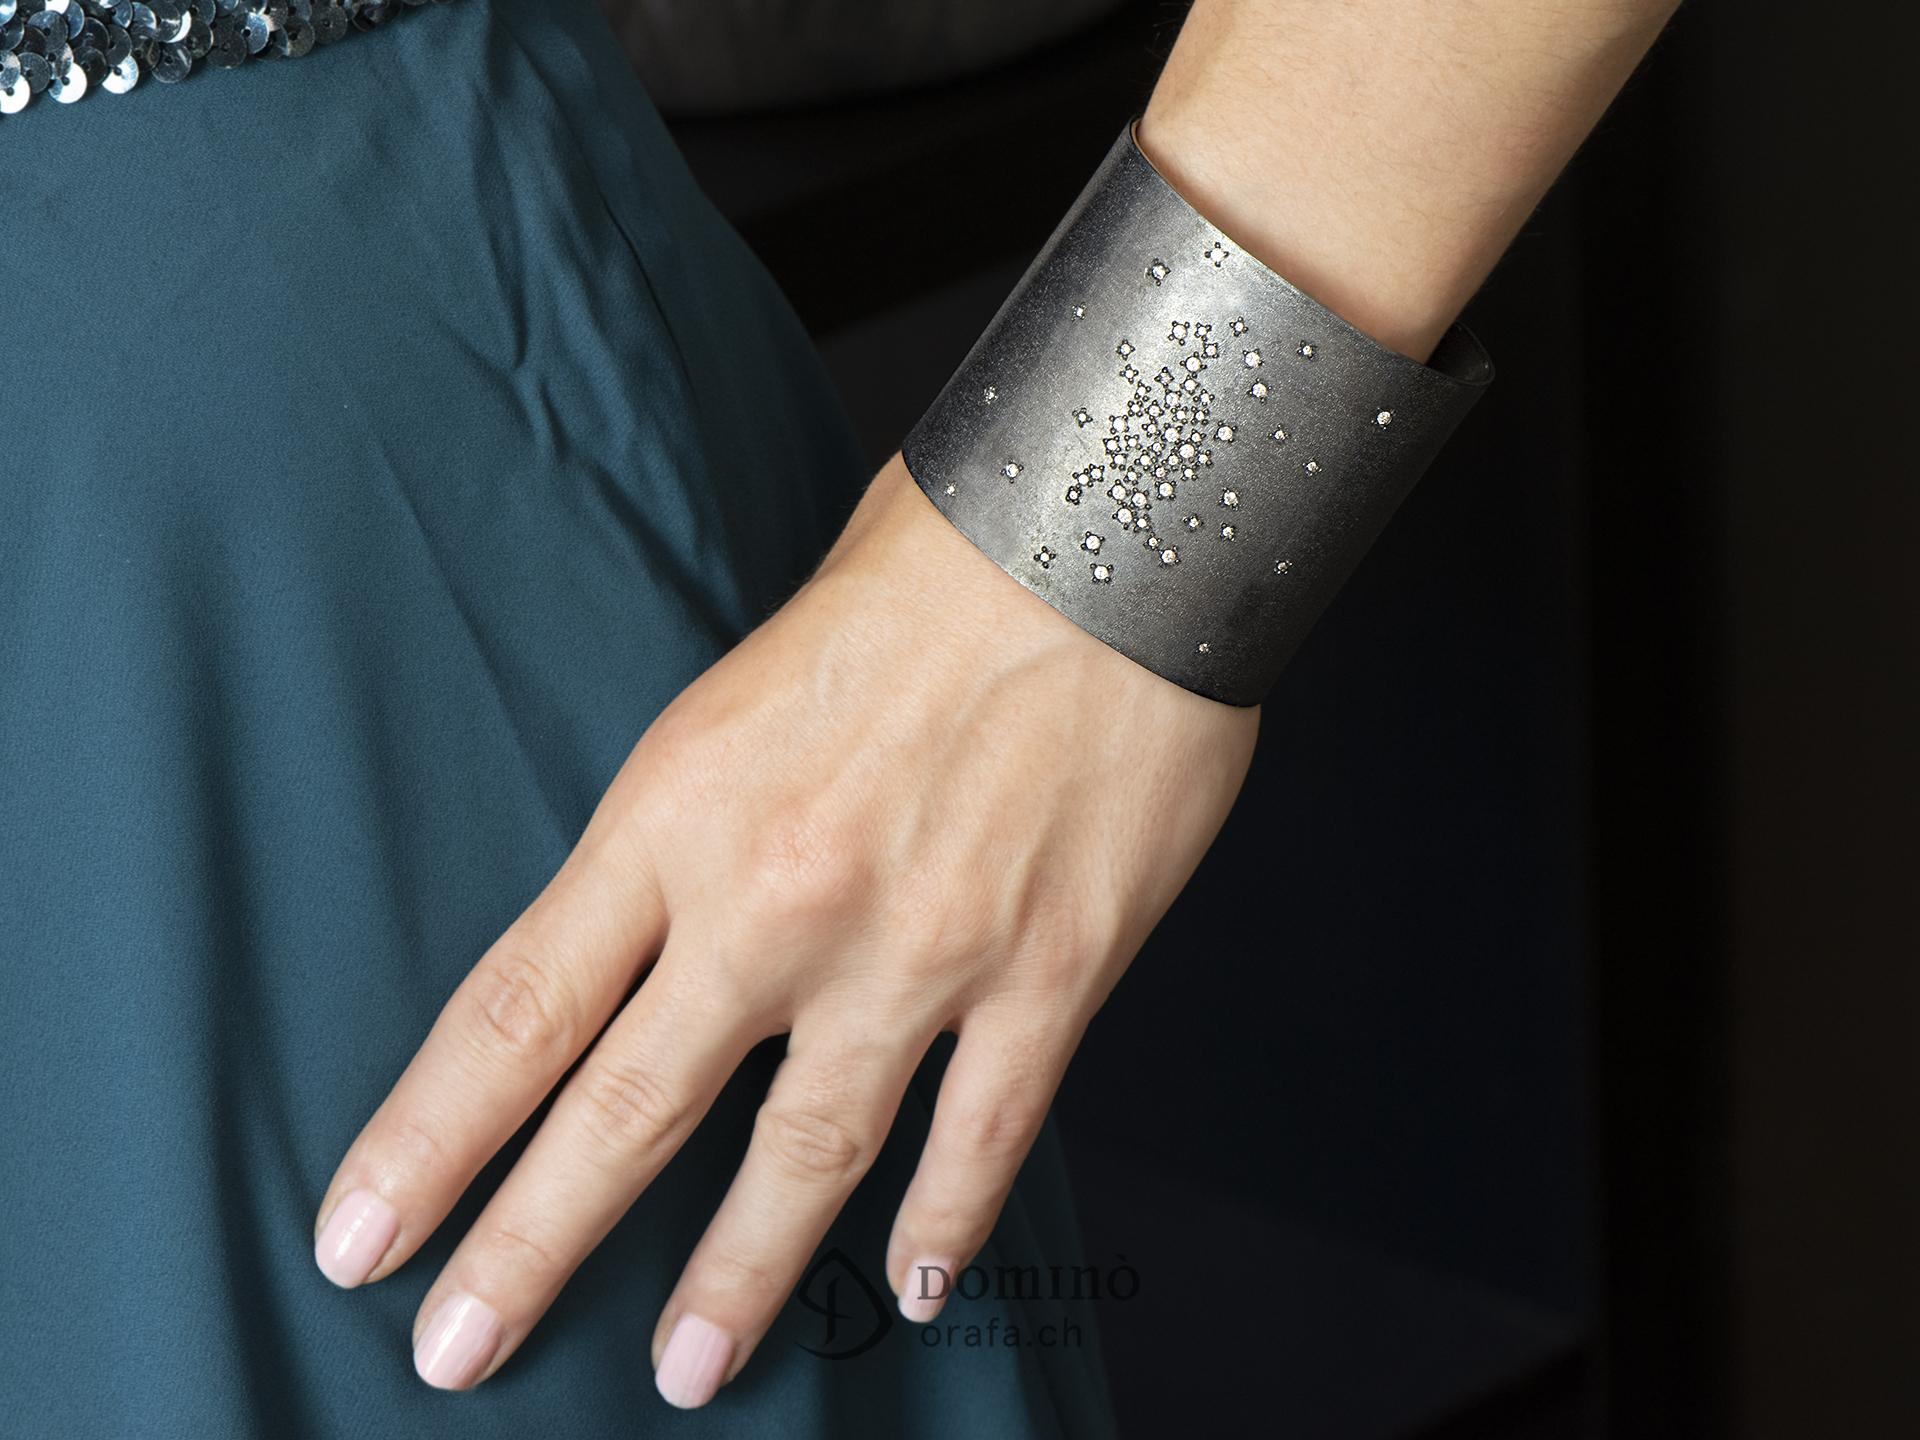 bracciale-pioggia-diamanti-sabbiato-ossidato-grande-1